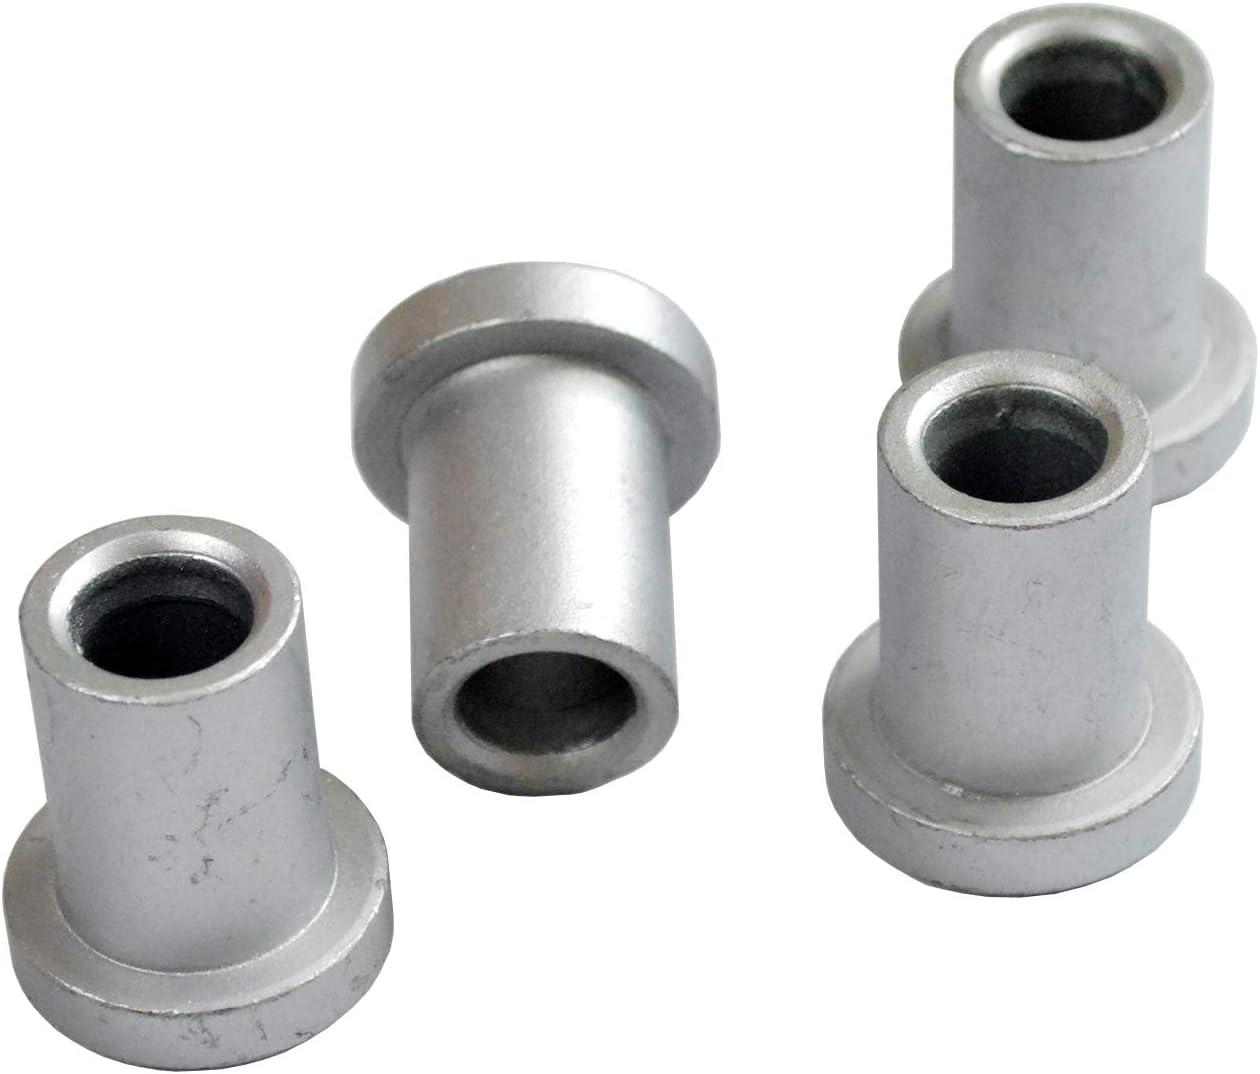 Dacromet Raw Material Heavy Duty Exterior Sliding Barn Door Hardware,Metal Wheel